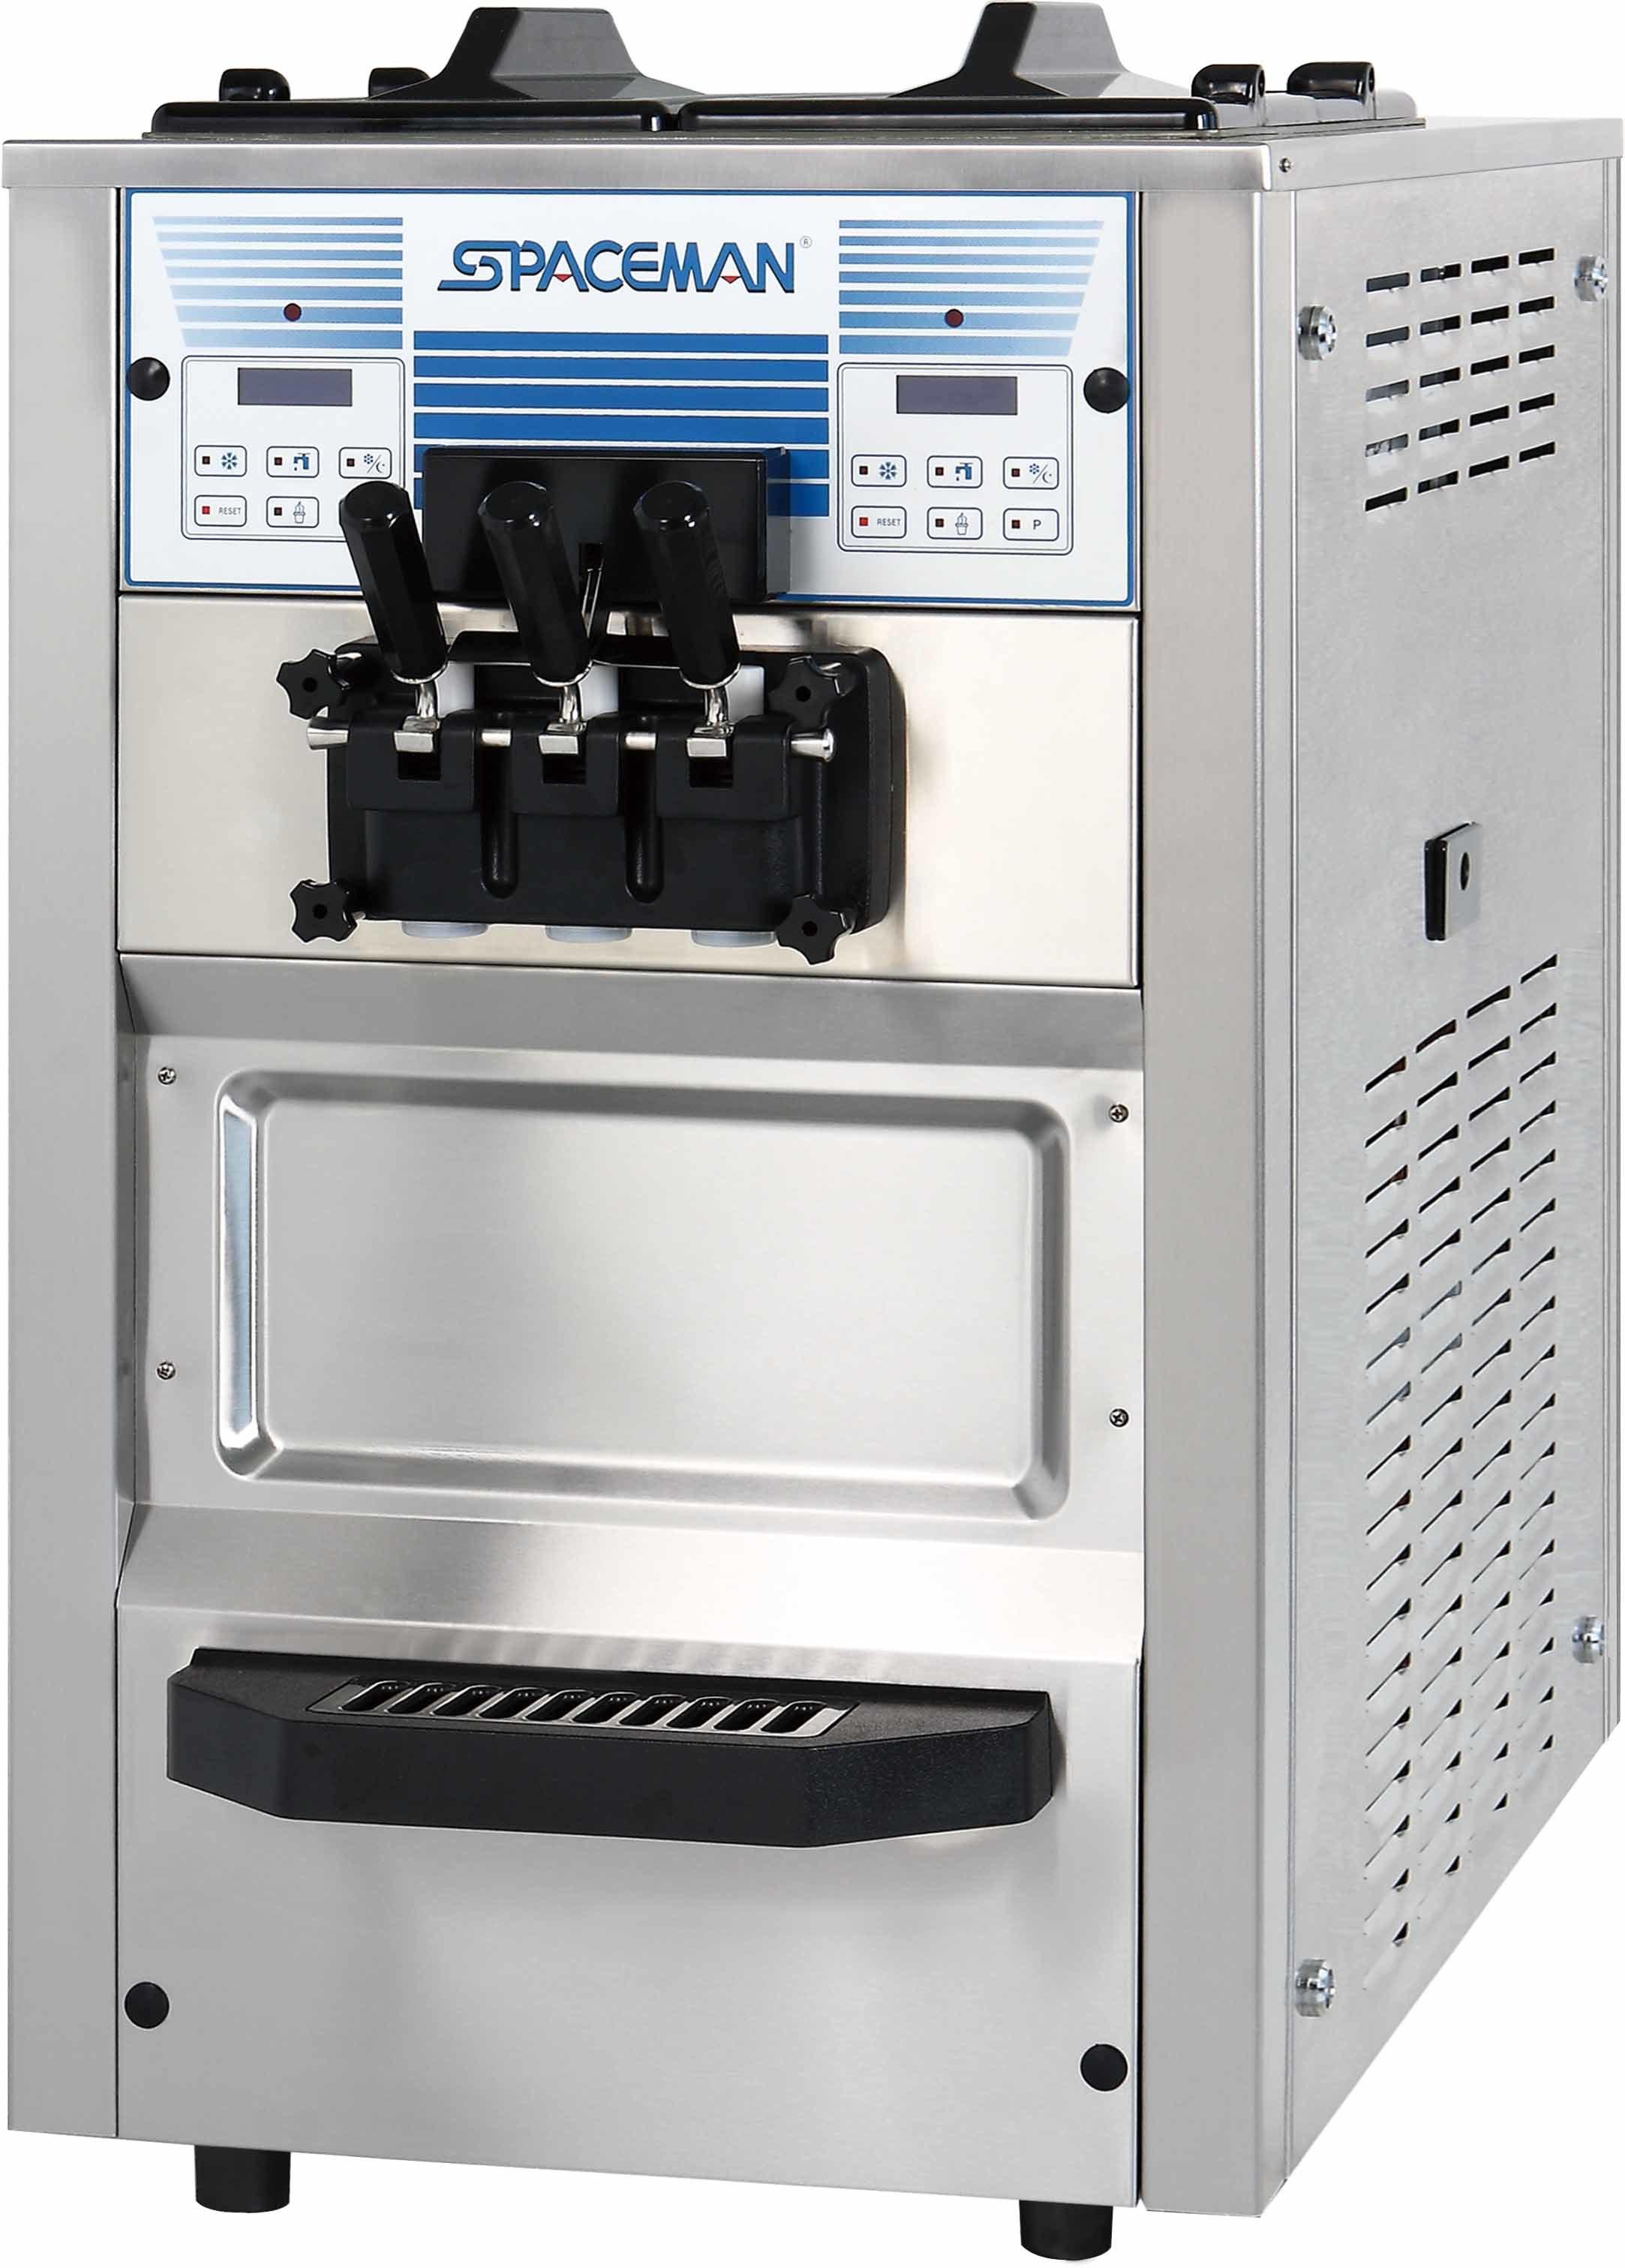 Machine de yaourt surgel 6245 machine de yaourt - Machine a yaourt seb ...